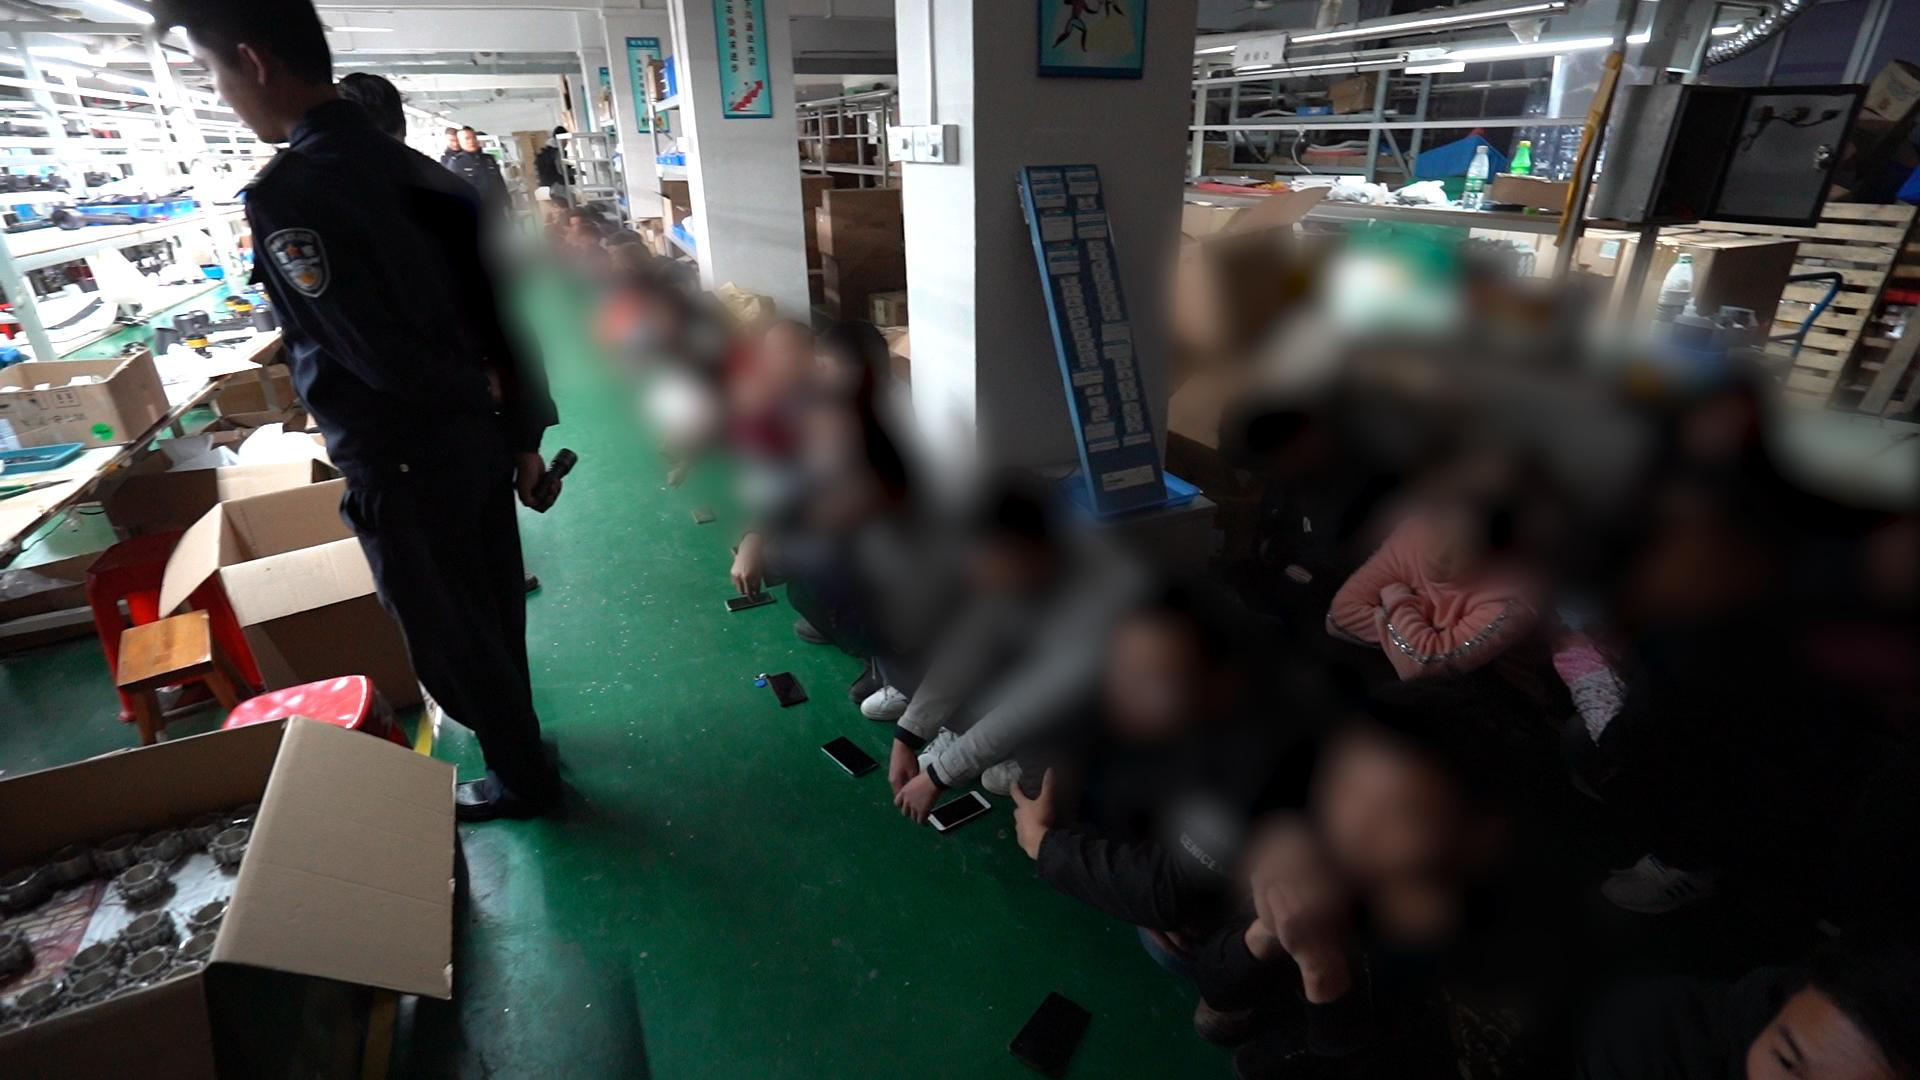 上海警方给阿里打假特战队发感谢信:半年联手破获特大假冒戴森、地素案